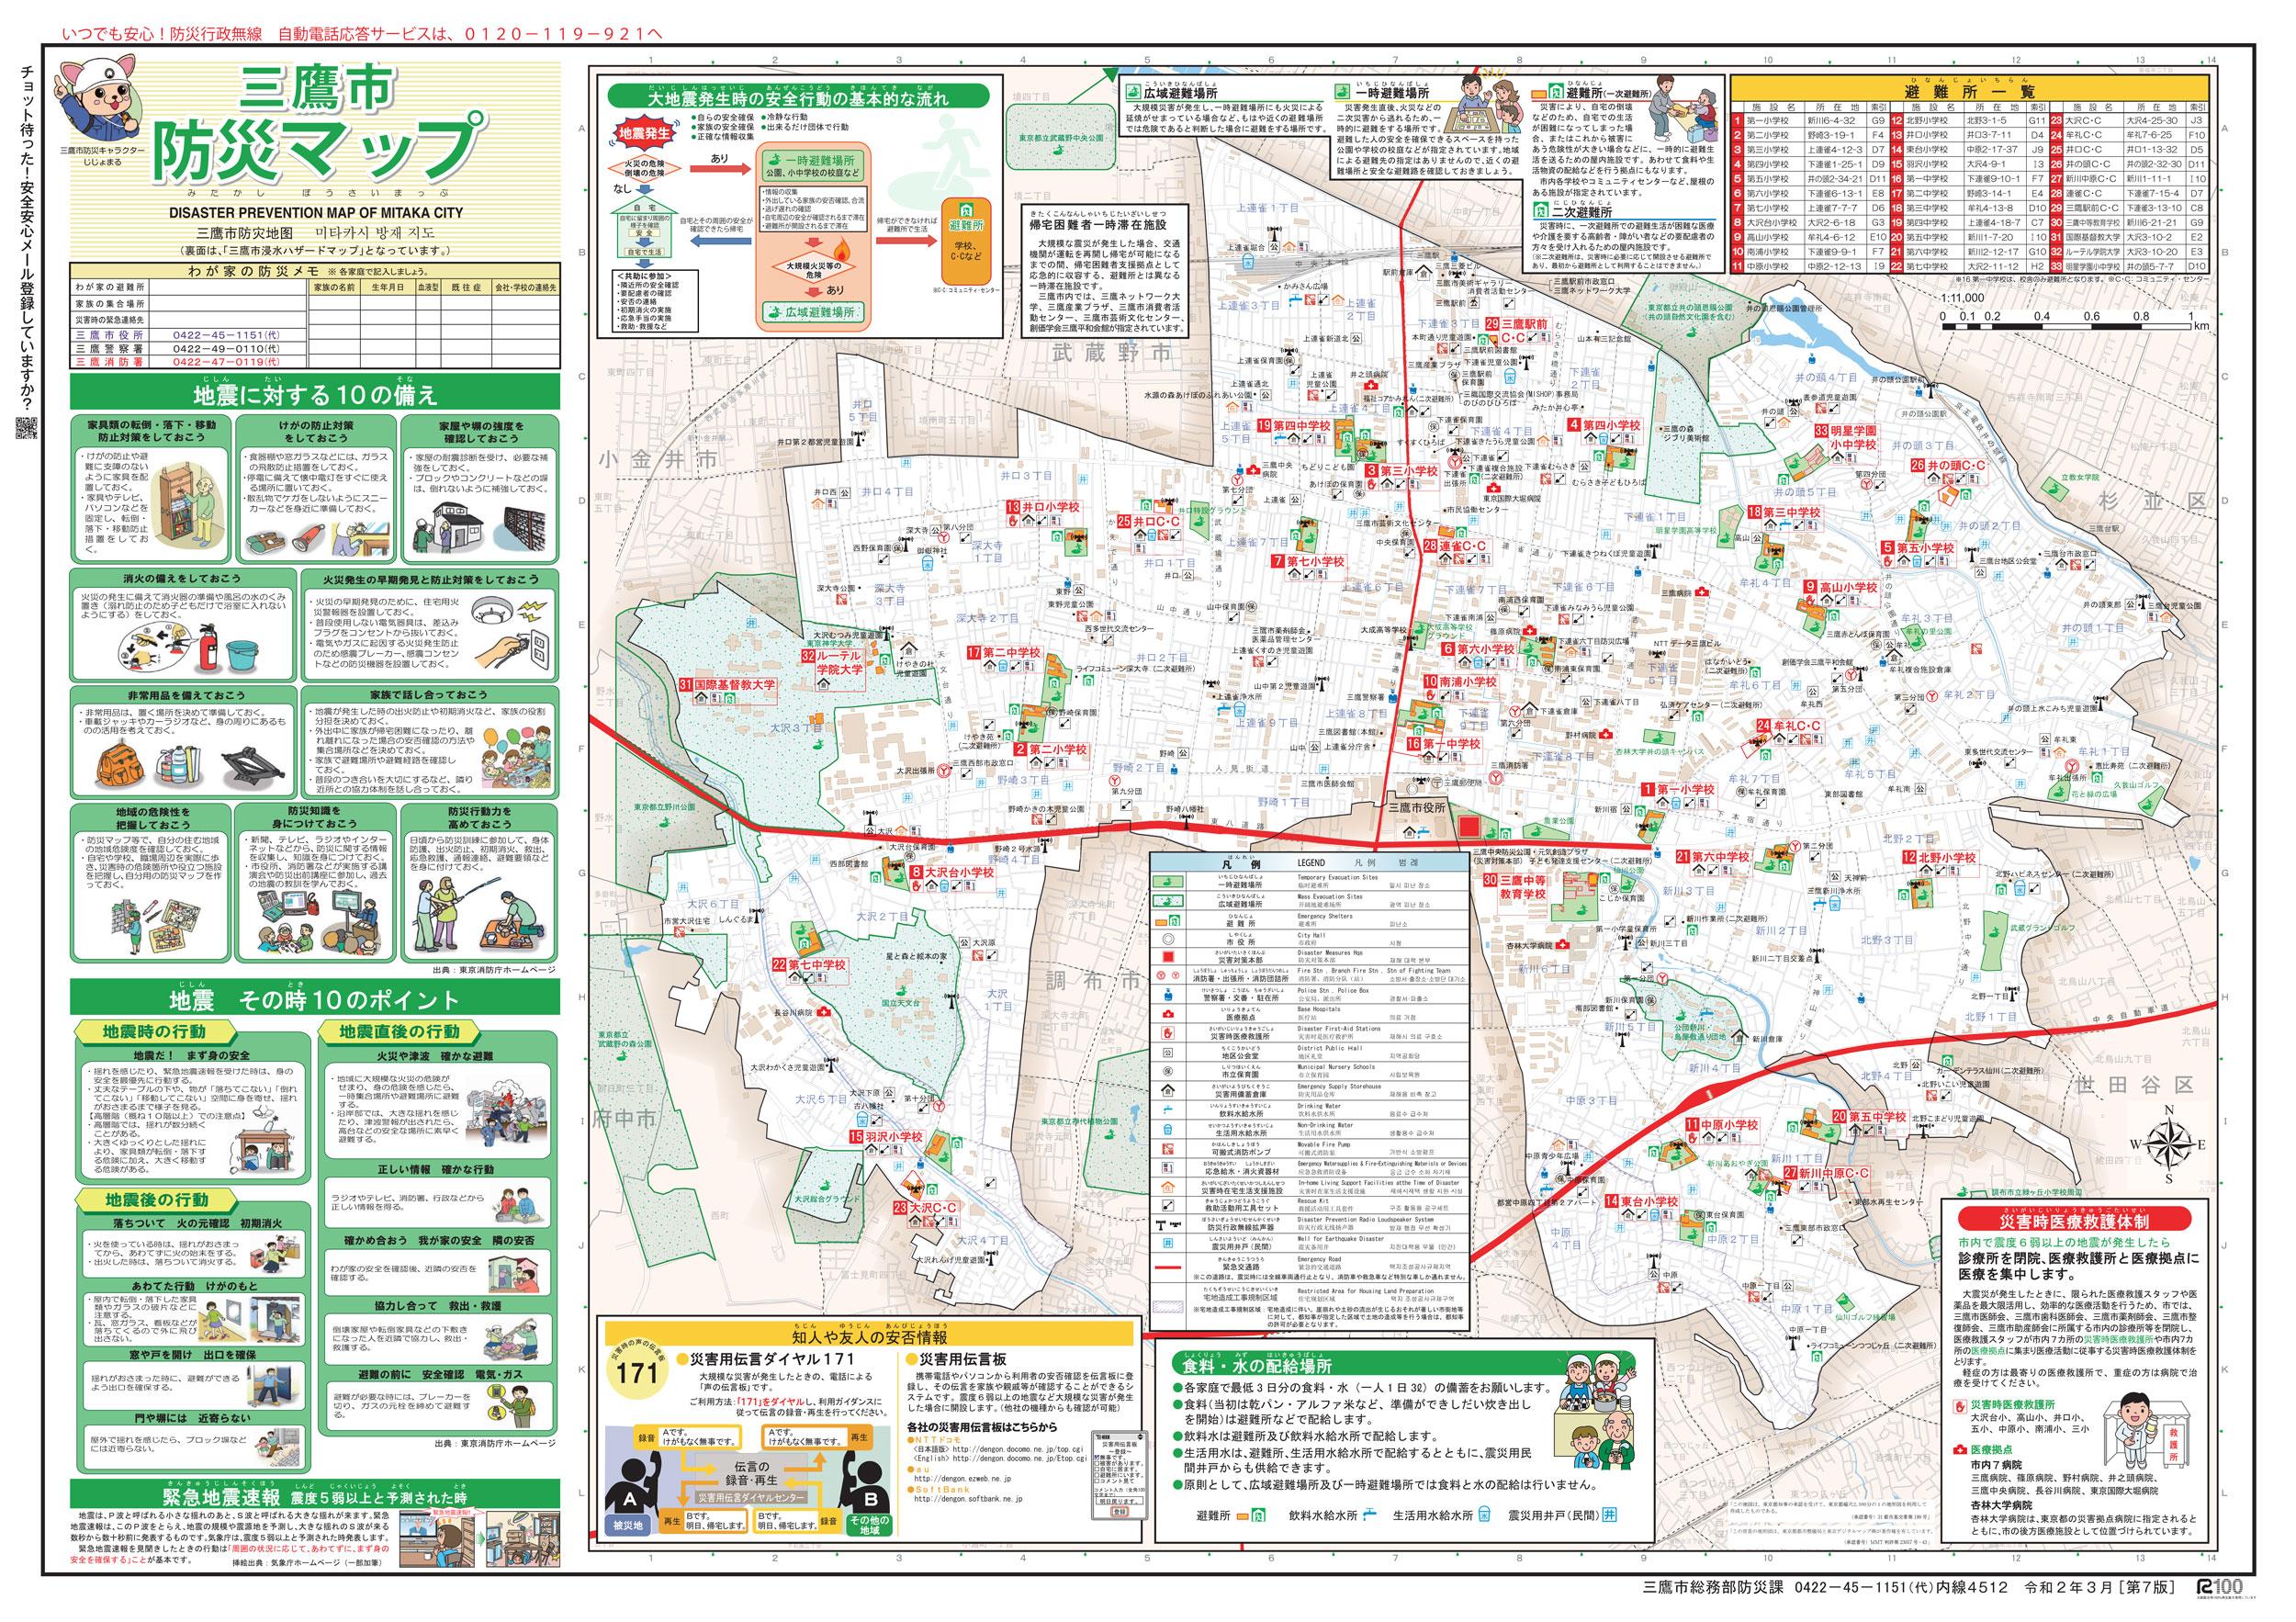 三鷹 市 ハザード マップ 洪水ハザードマップ